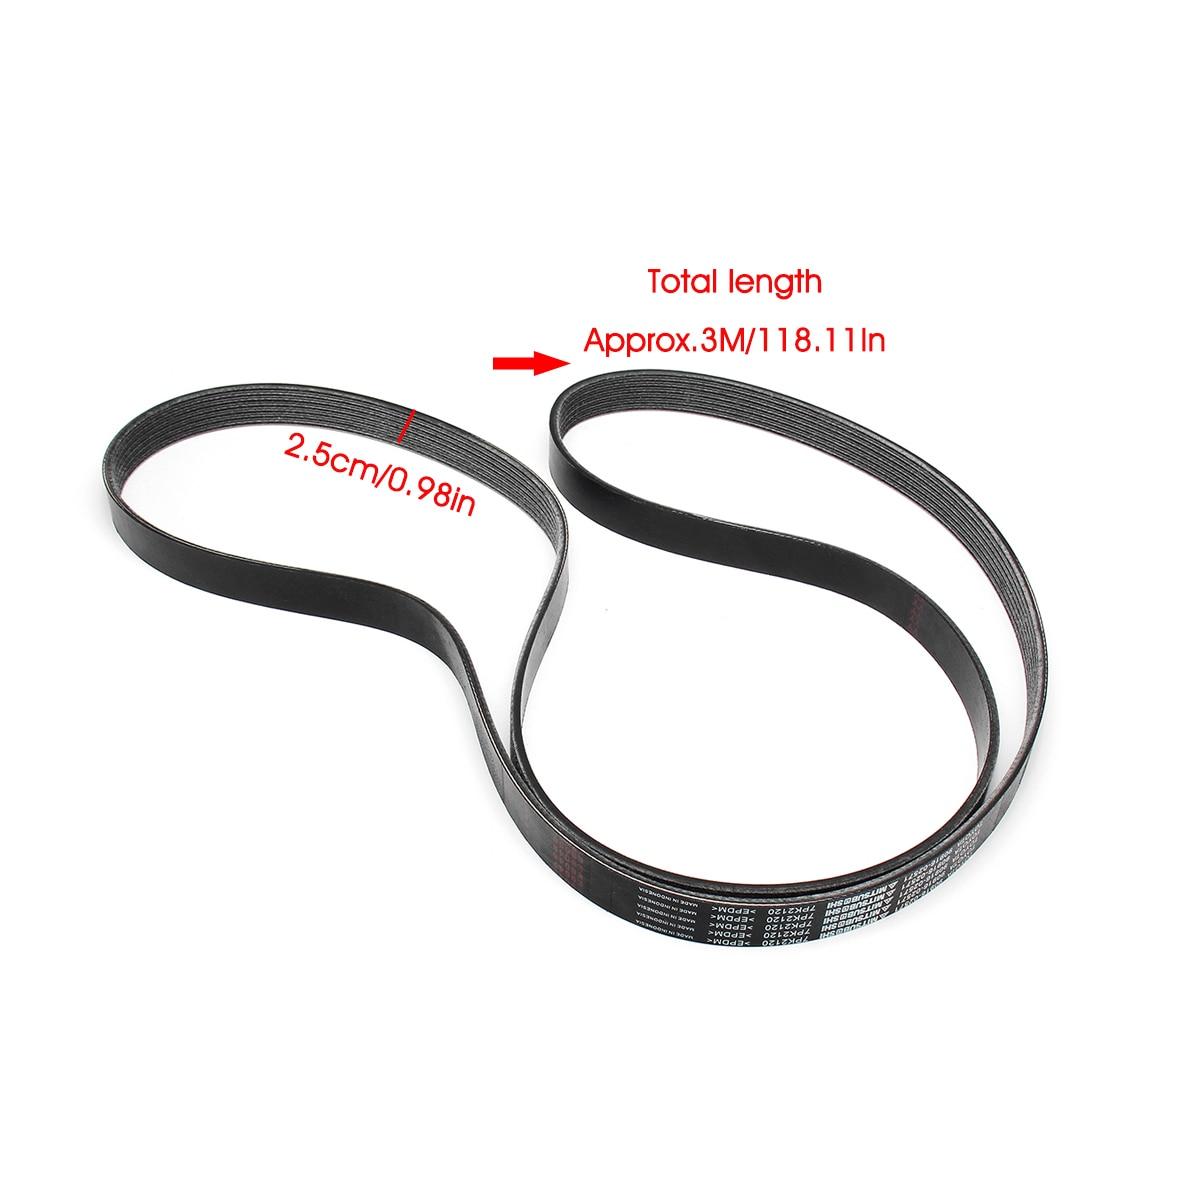 Serpentine Belt Driver Belt Tensioner Pulley Kit For Toyota 2